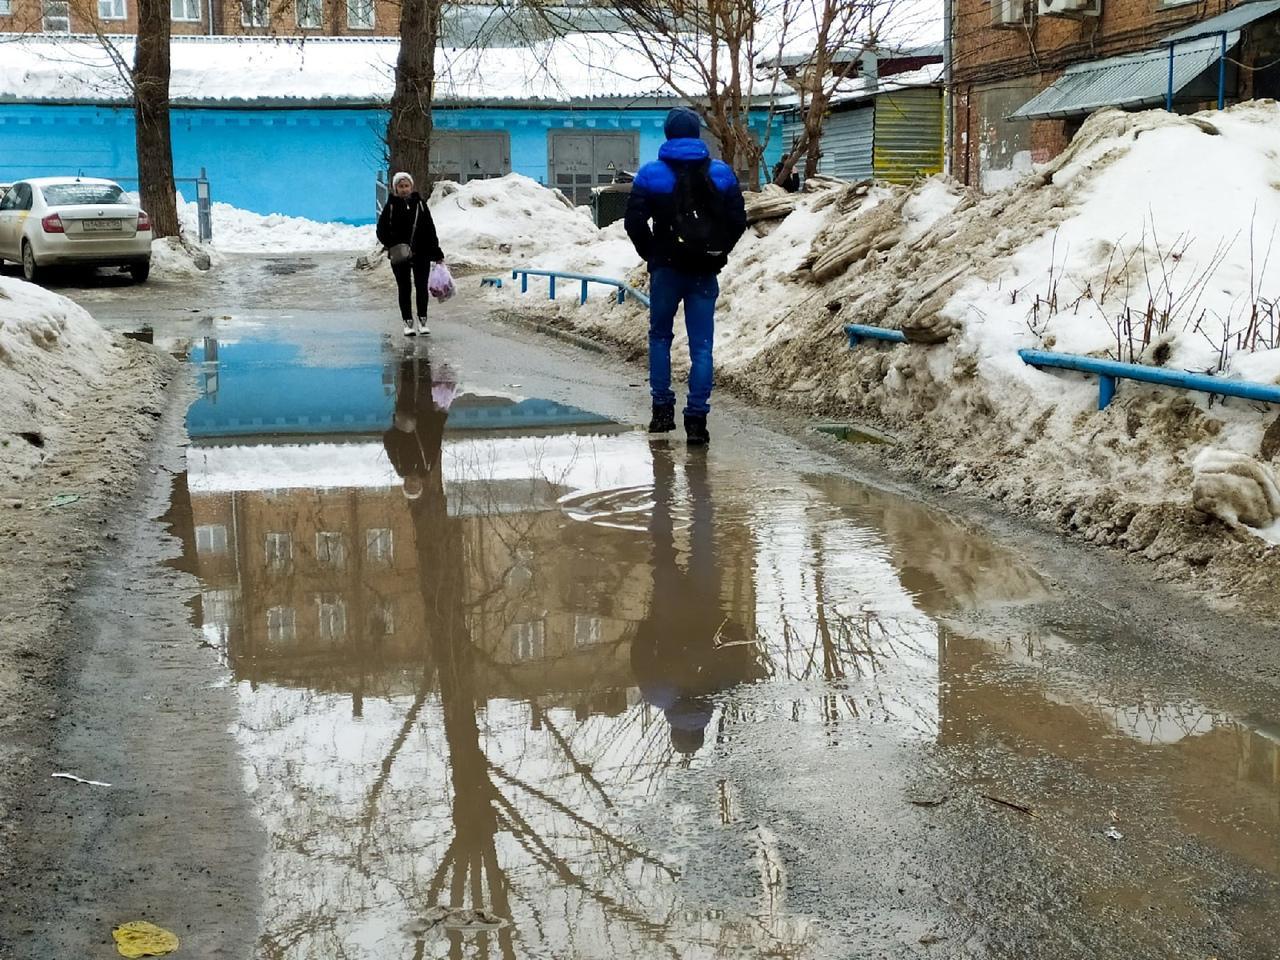 Фото Грязная весна в Новосибирске: 10 ужасающих фото улиц и дворов города 5